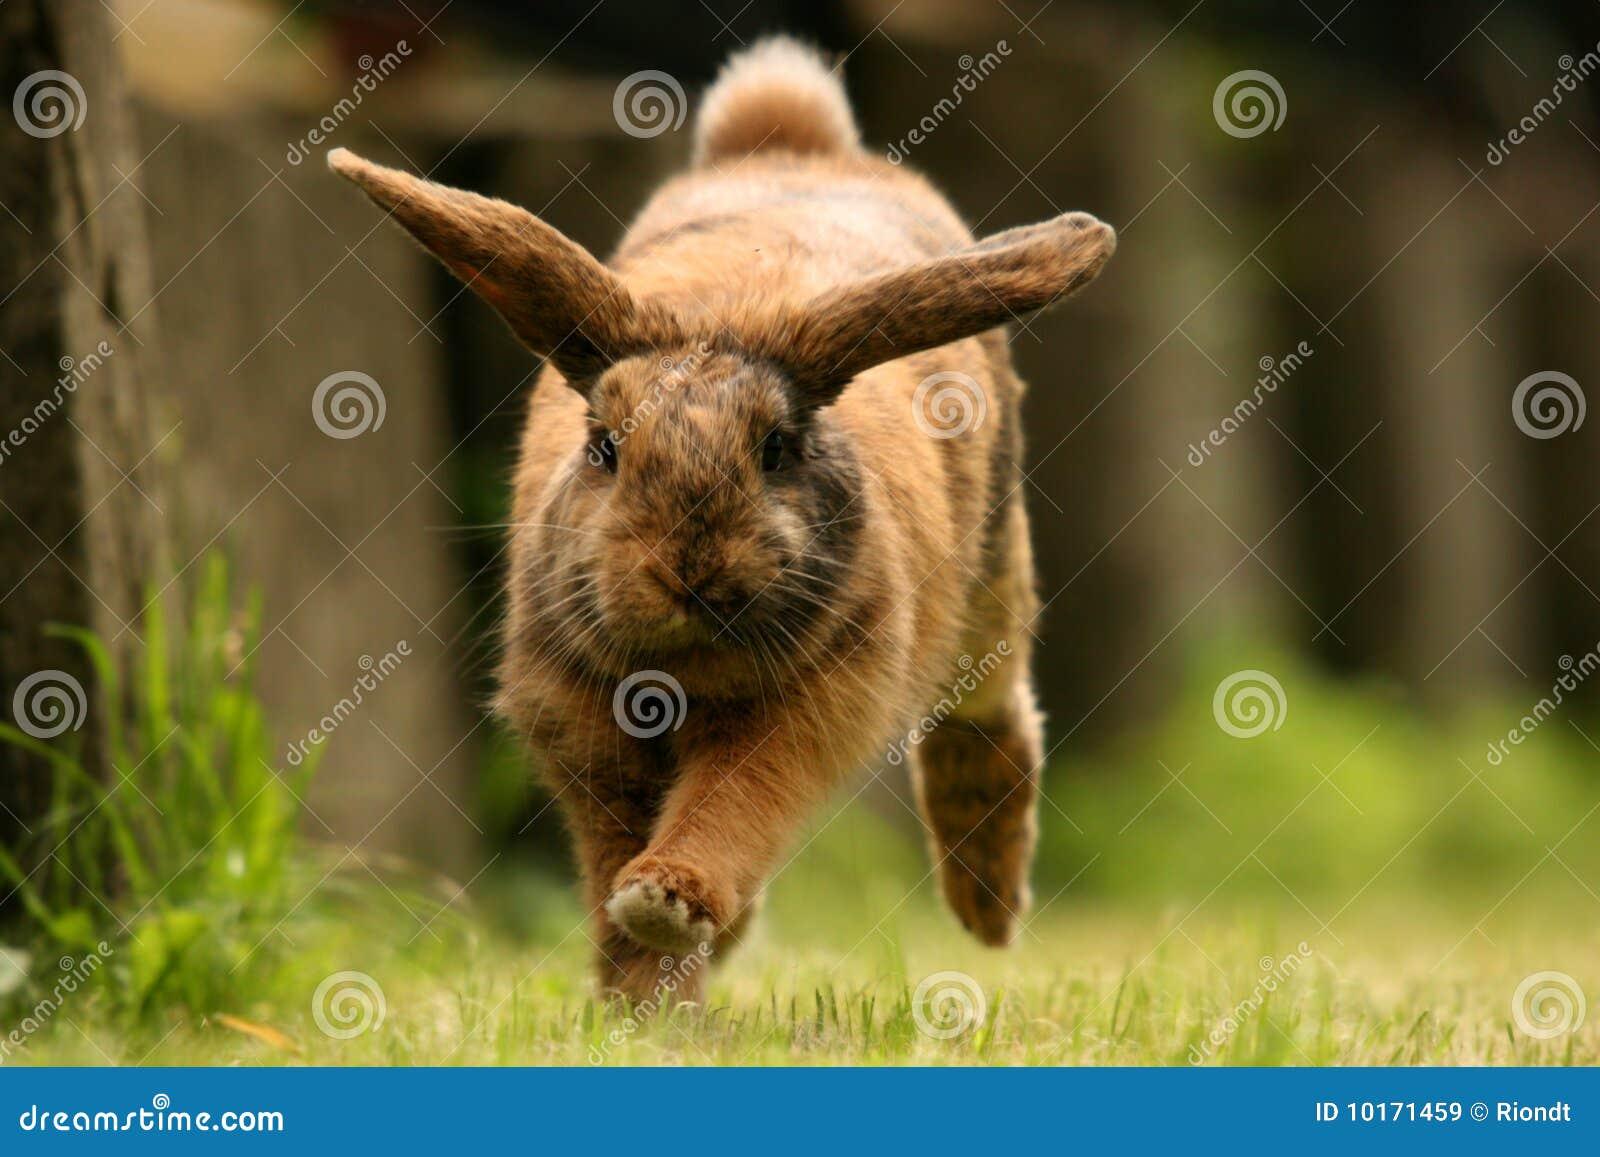 Dwarf rabbit running o...